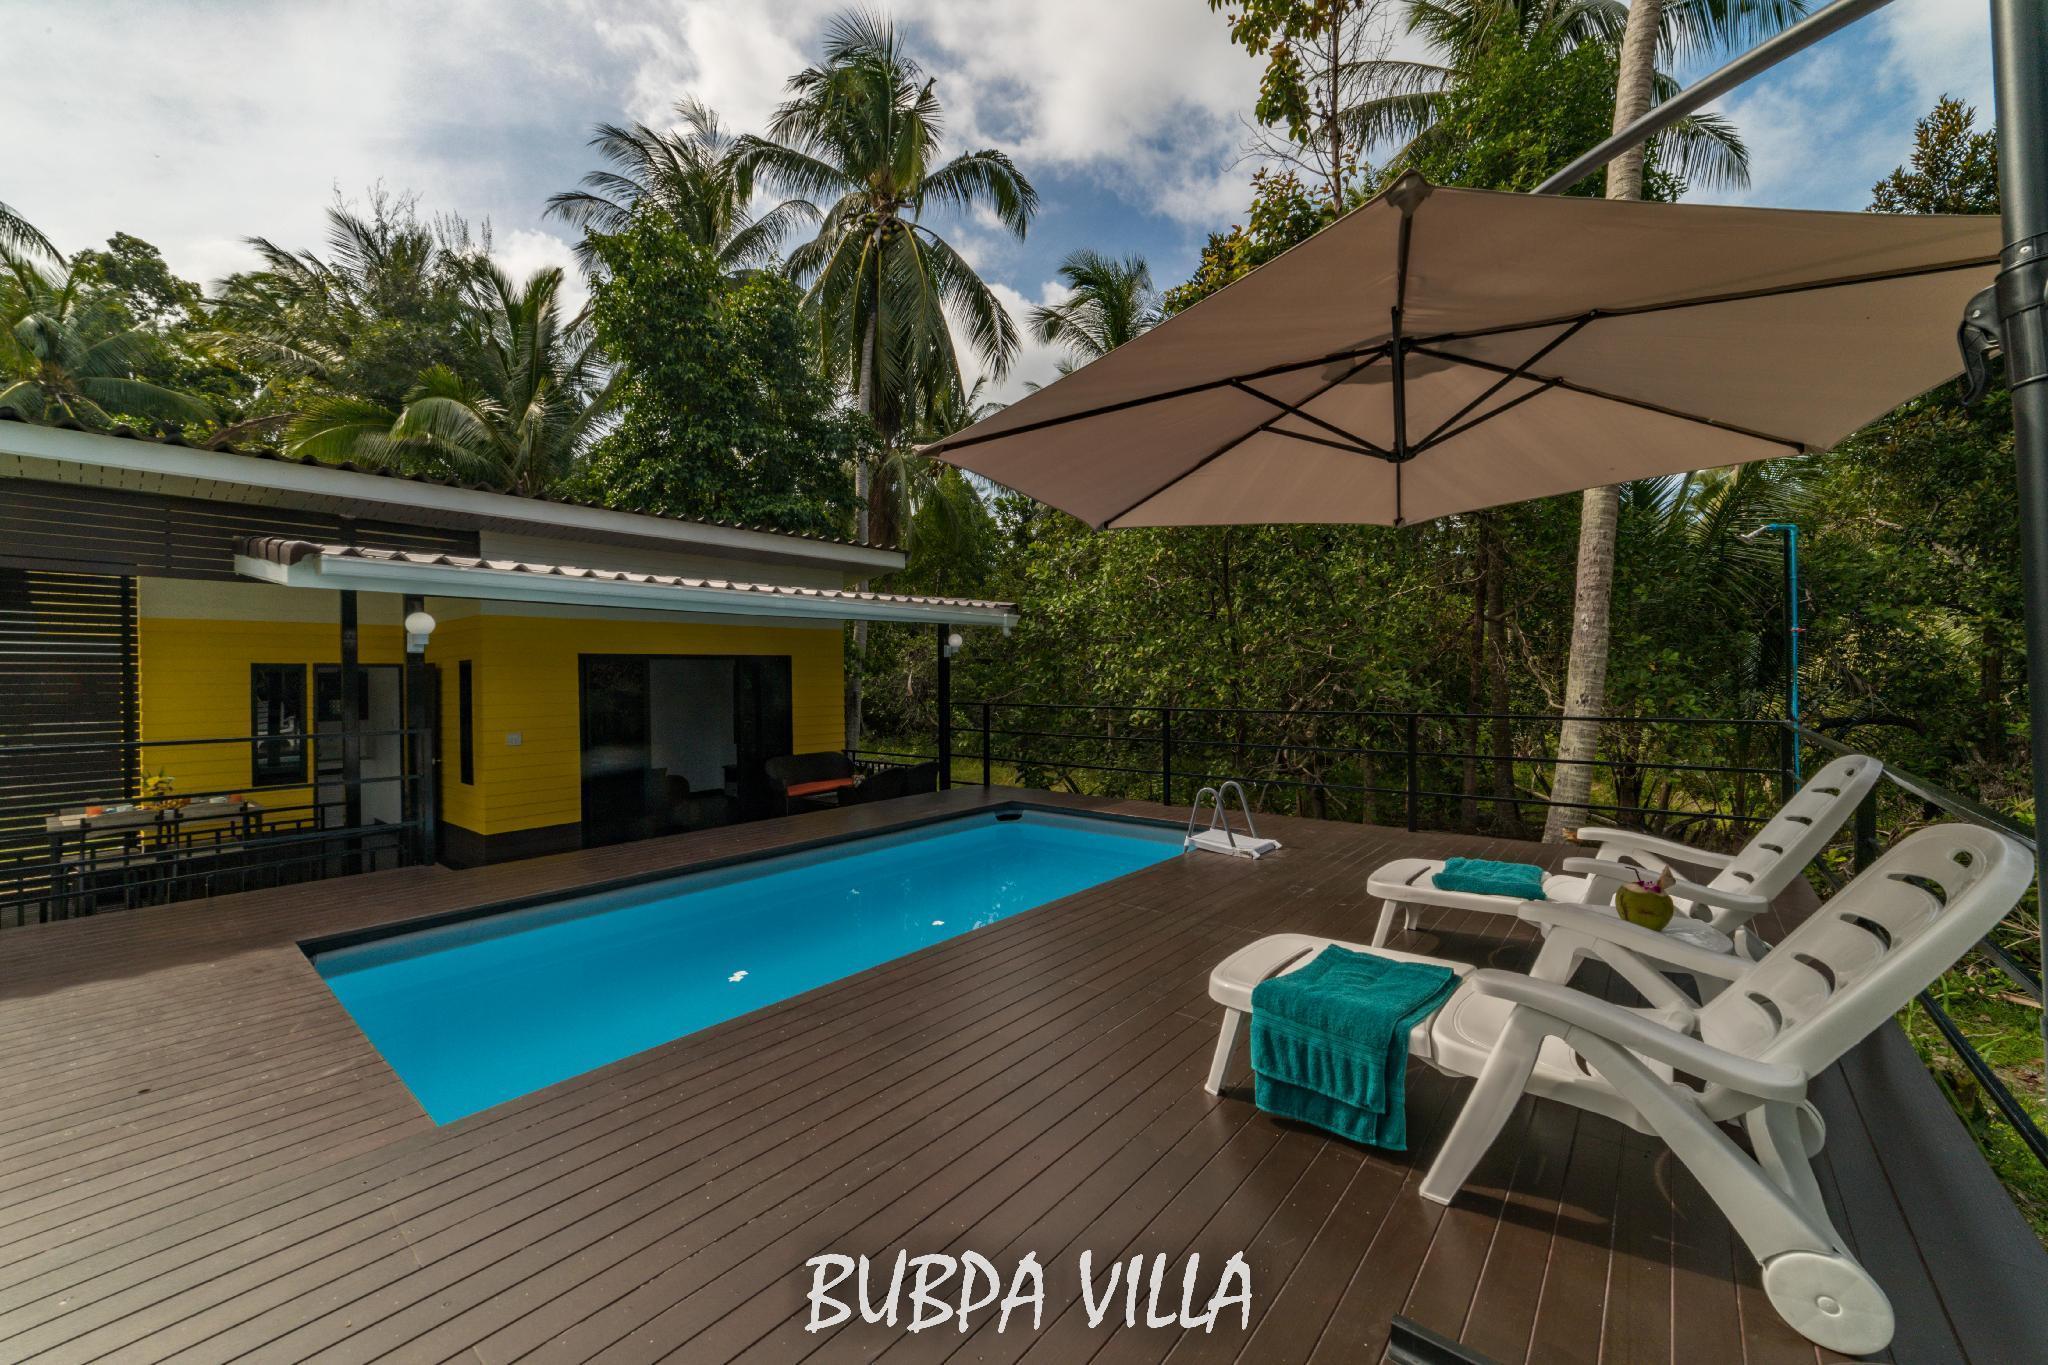 Bubpa Villa วิลลา 1 ห้องนอน 1 ห้องน้ำส่วนตัว ขนาด 50 ตร.ม. – วกตุ่ม